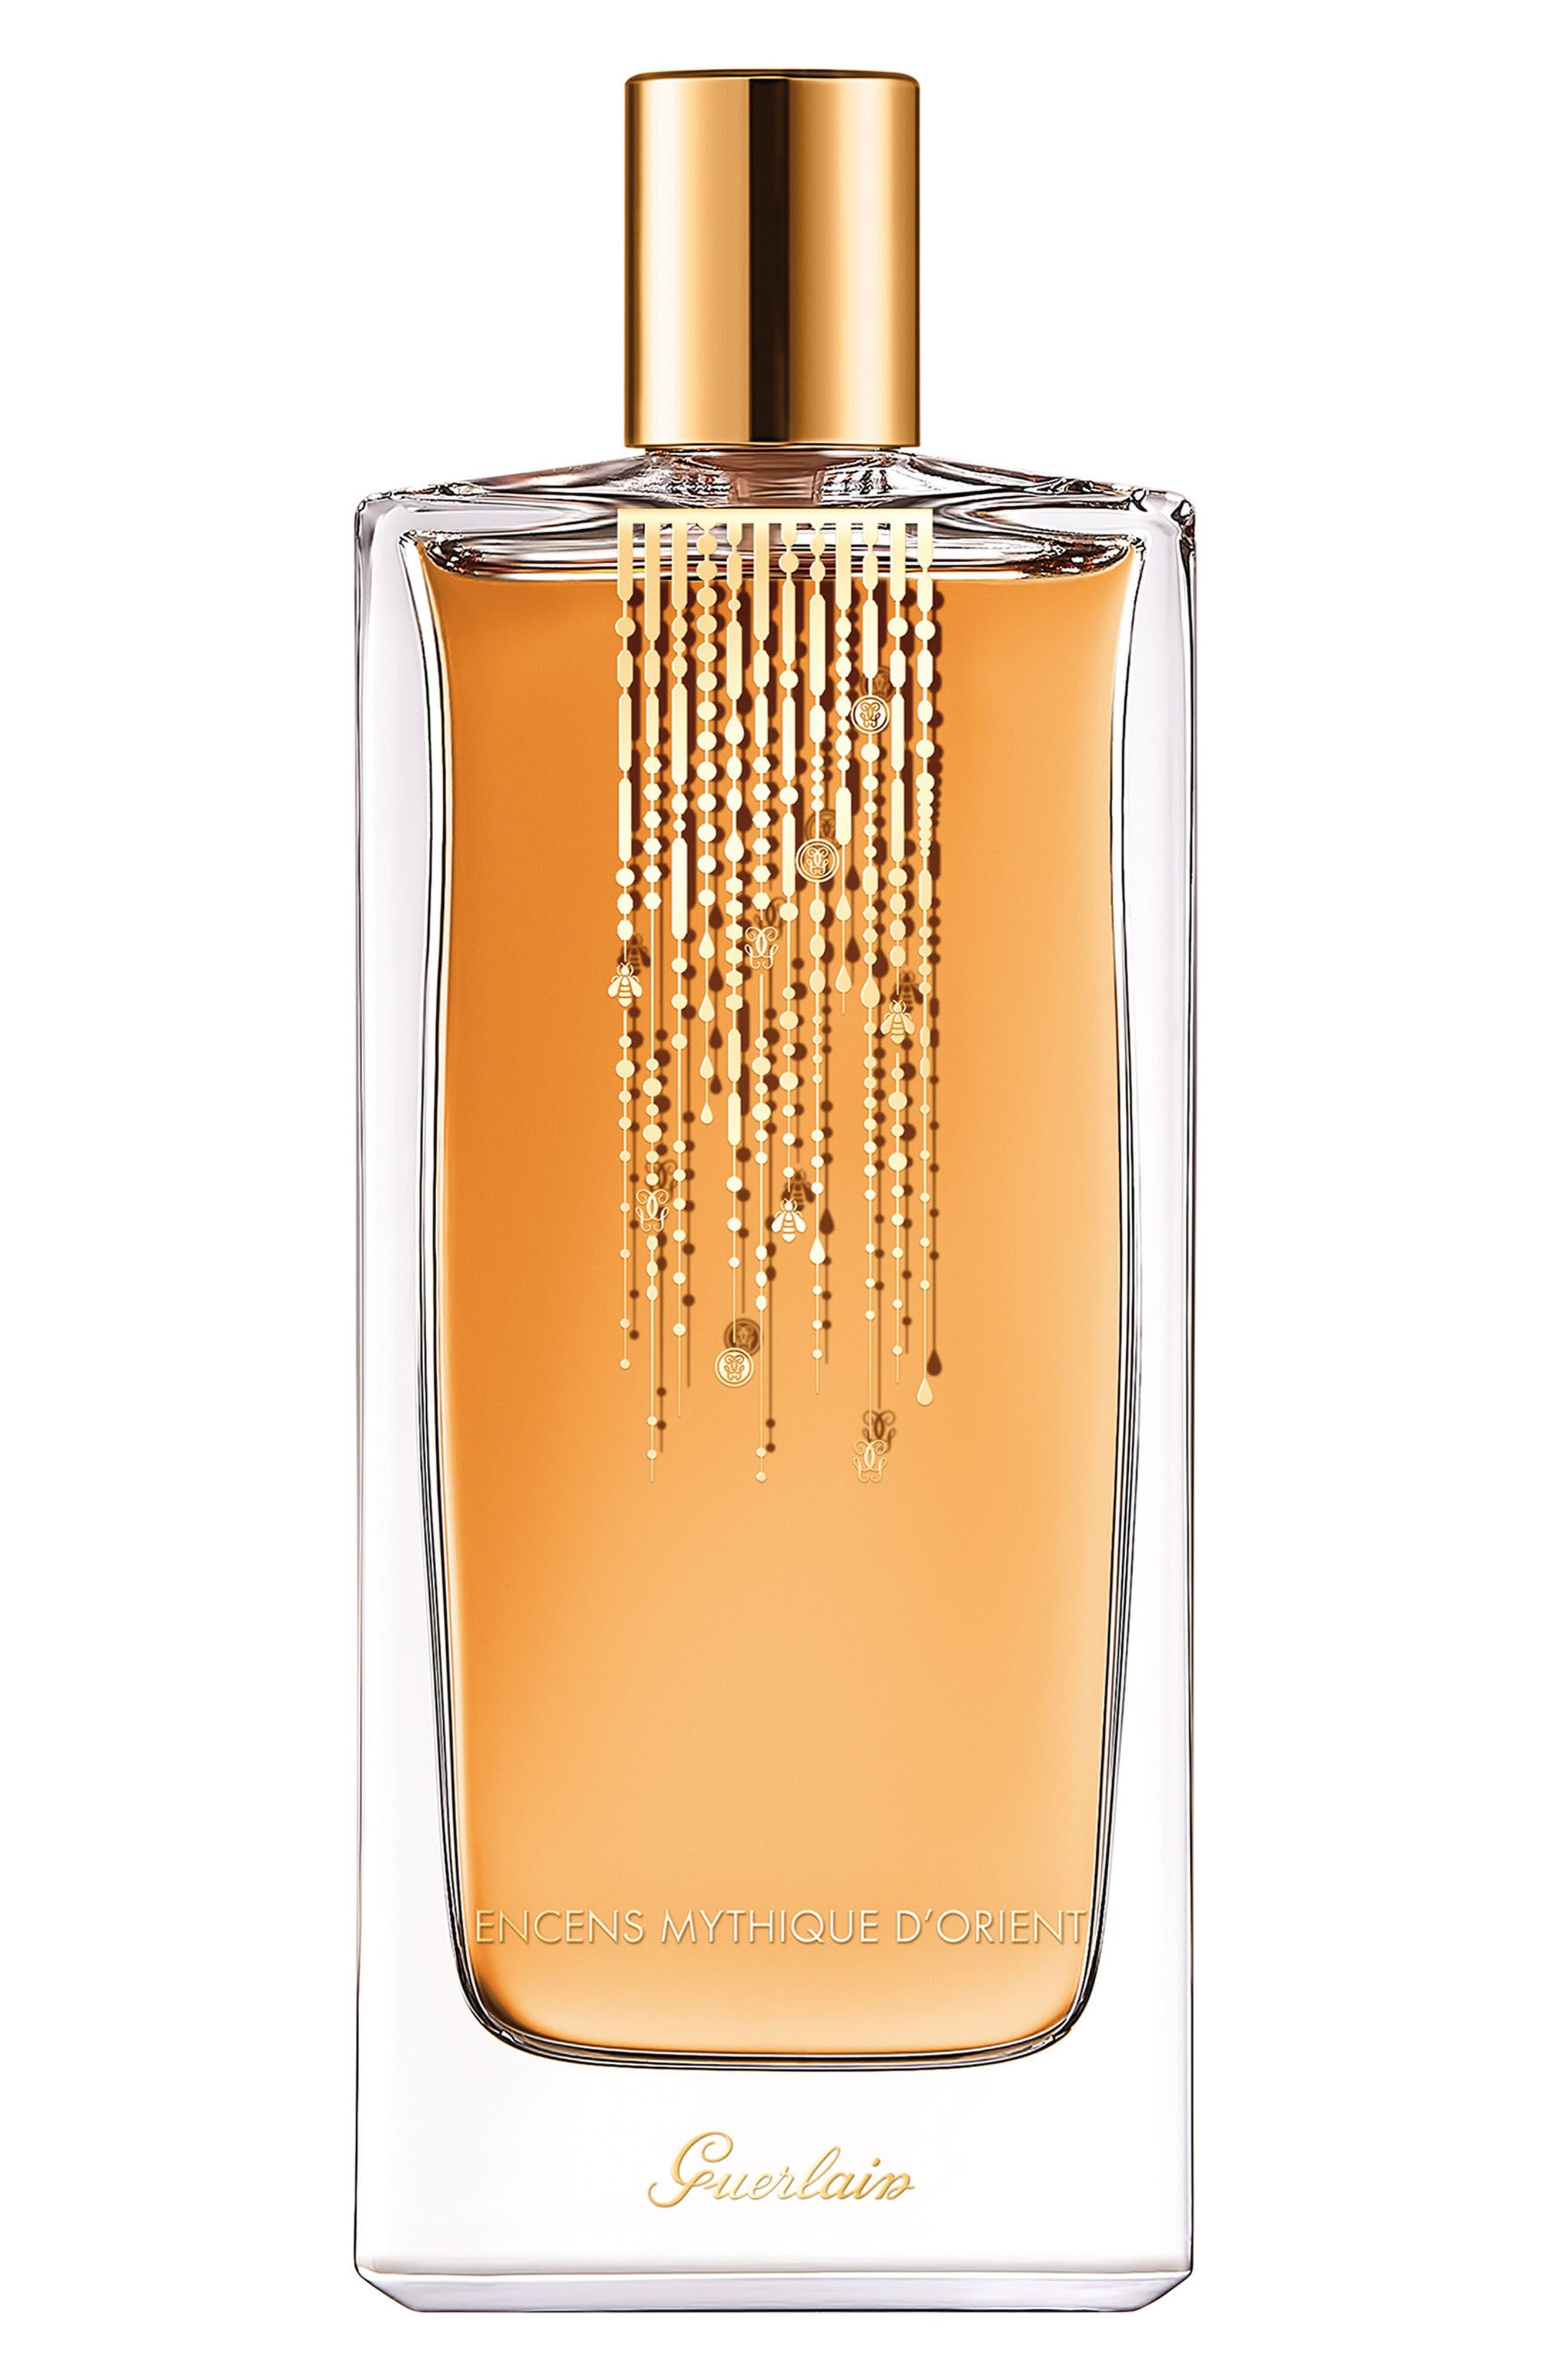 Alternate Image 1 Selected - Guerlain Les Déserts d'Orient Encens Mythique d'Orient Eau de Parfum